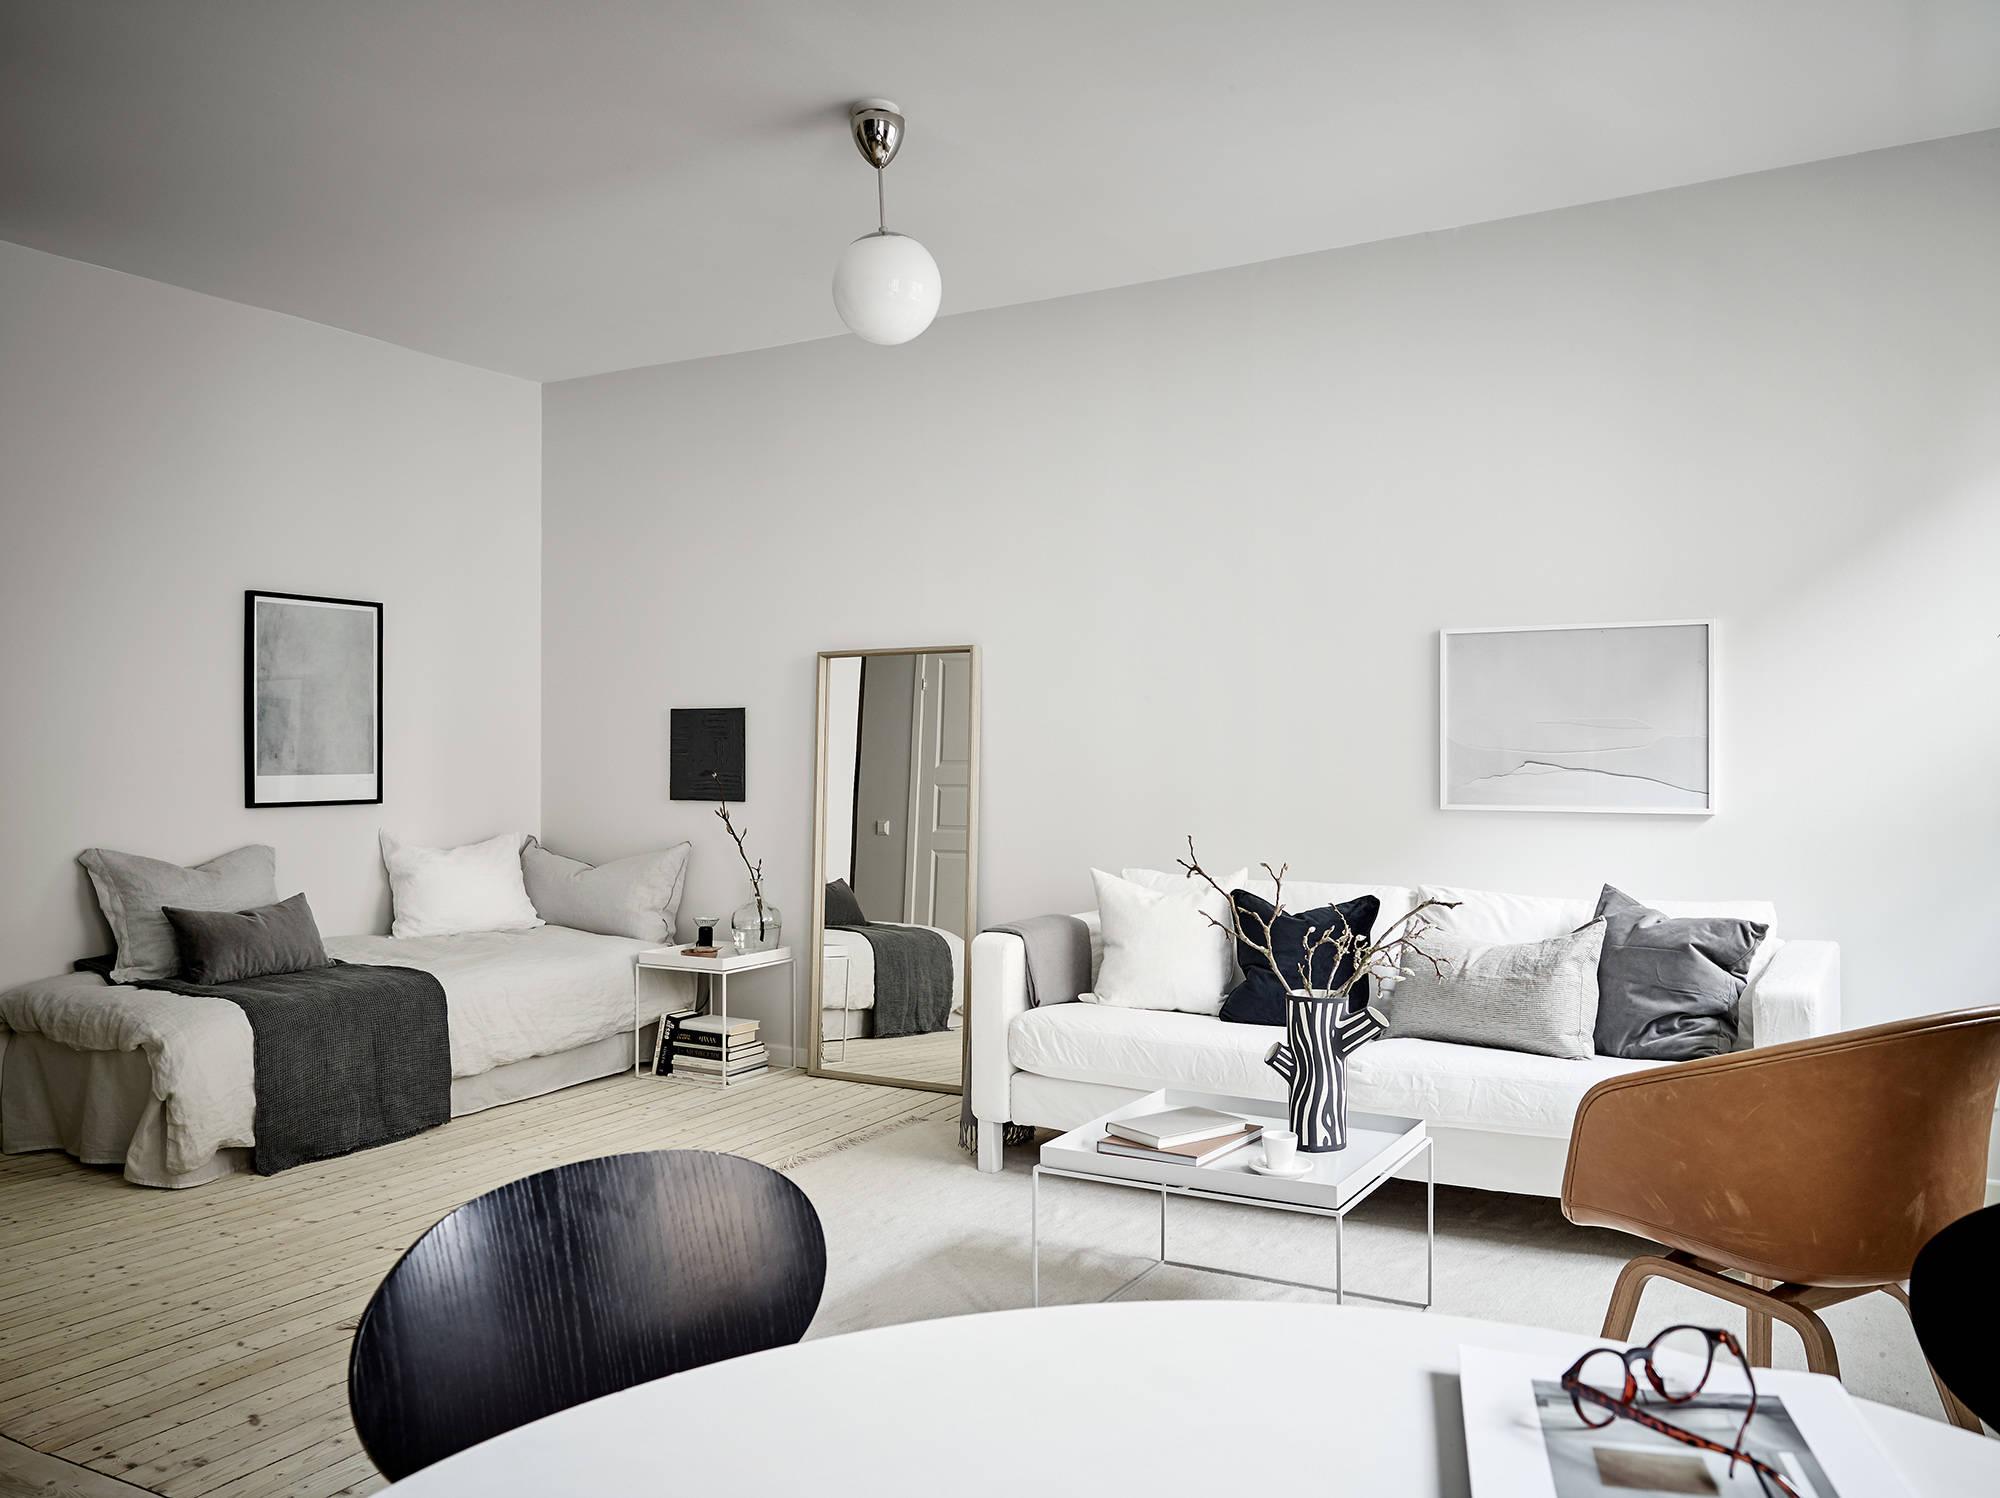 Minimal studio coco lapine designcoco lapine design for Wohnung design blog